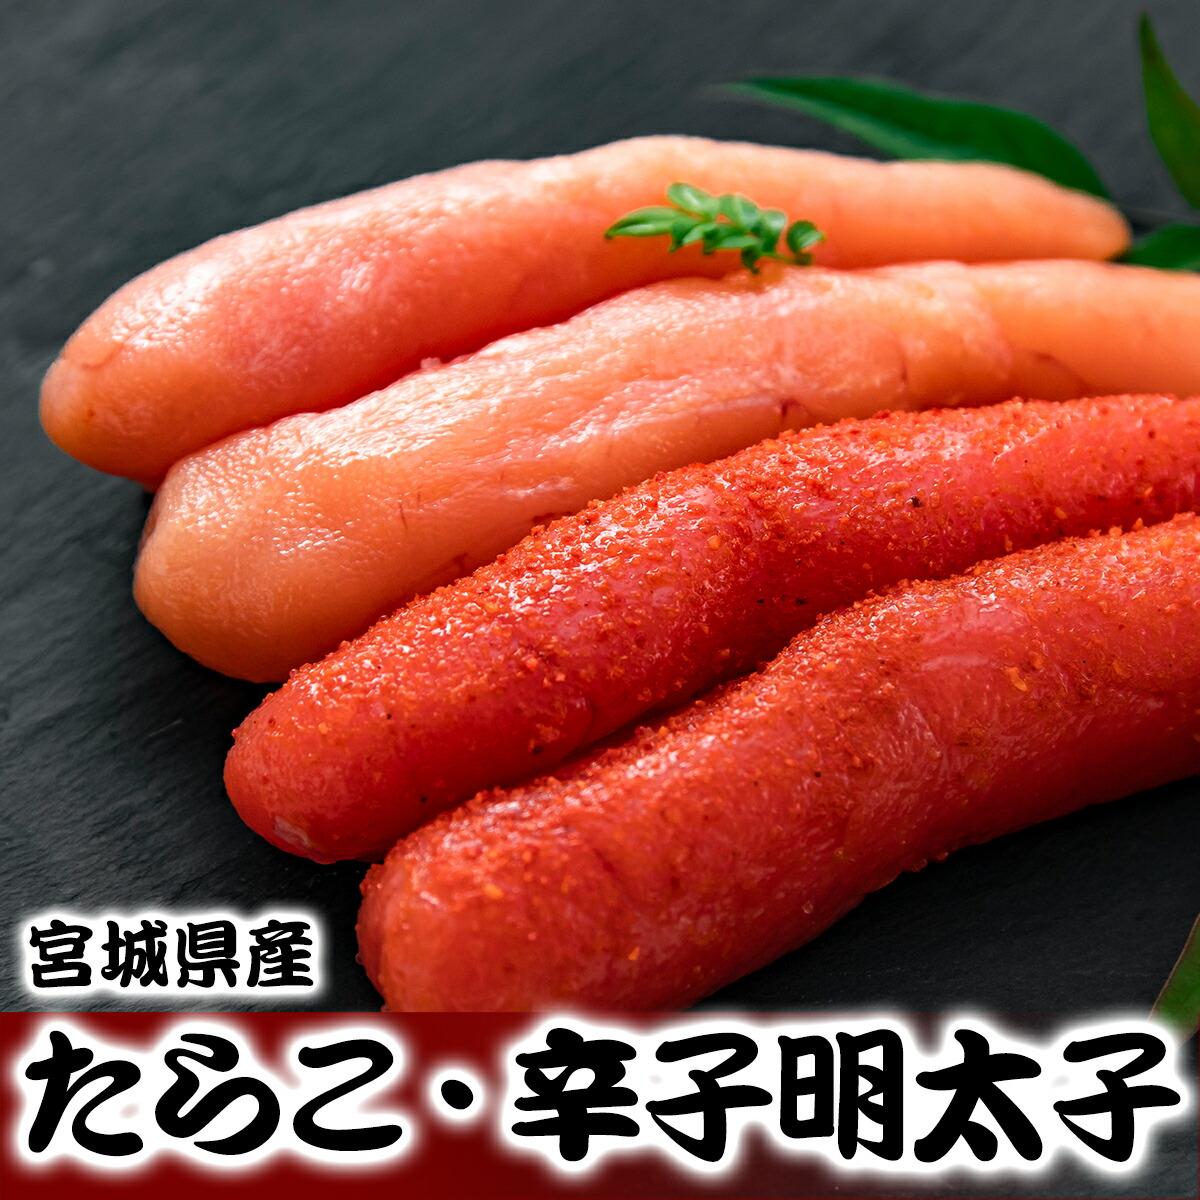 【ふるさと納税】伊達のたら子・伊達の辛子明太子セット(1kg×2)